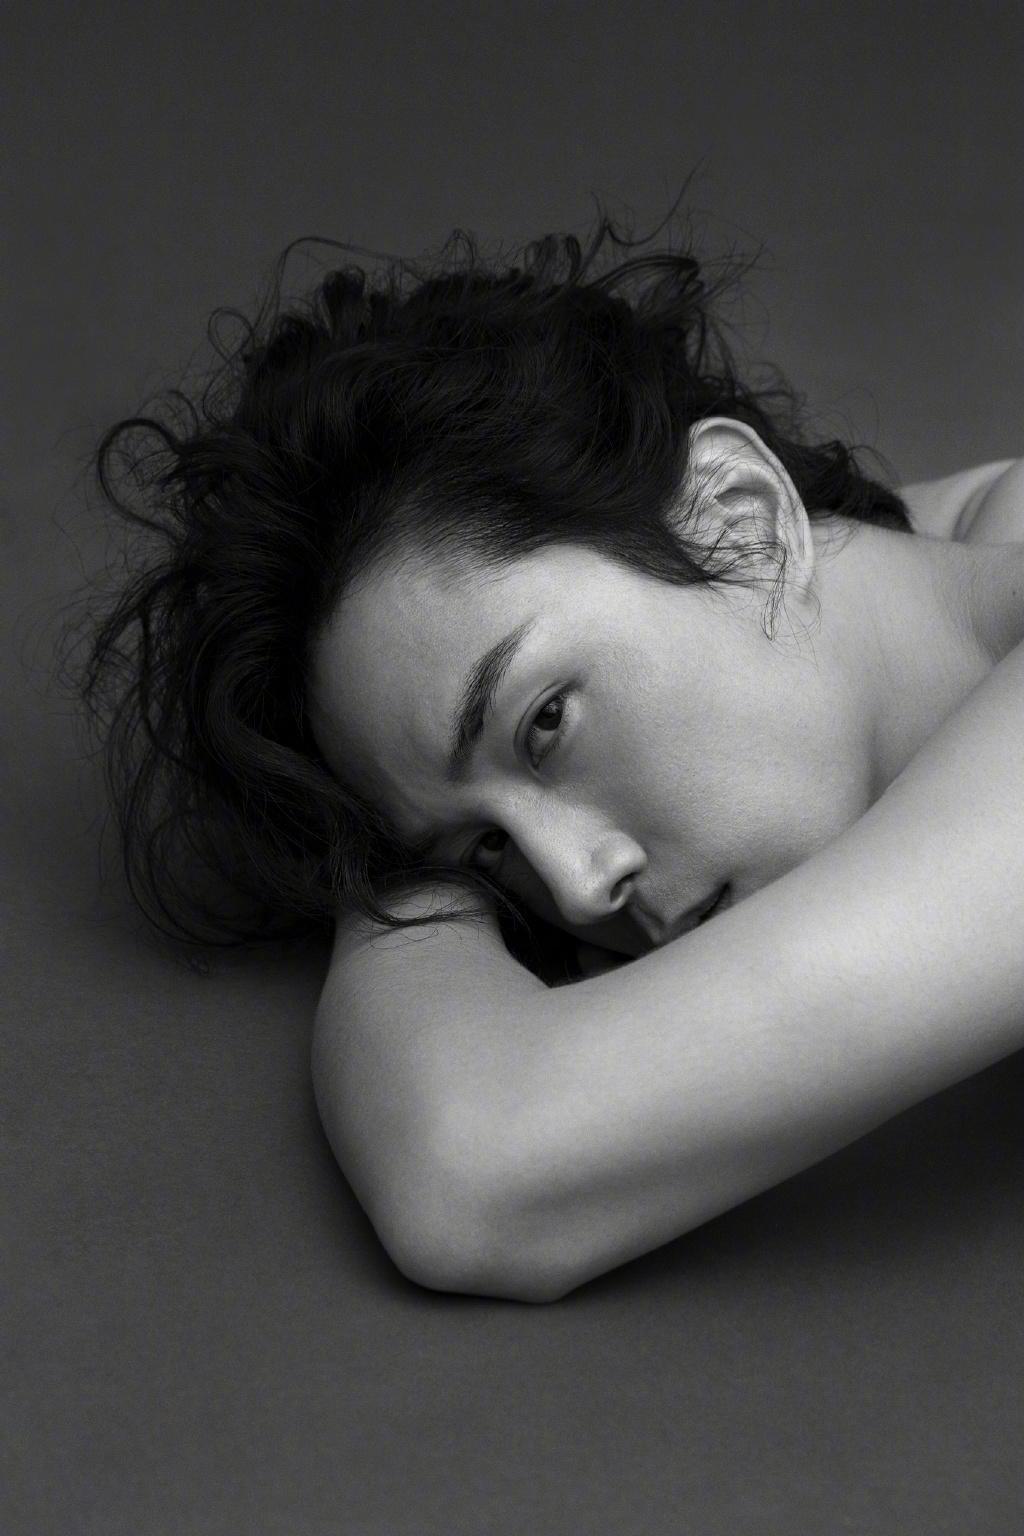 戚薇李承铉《时尚健康》杂志封面写真